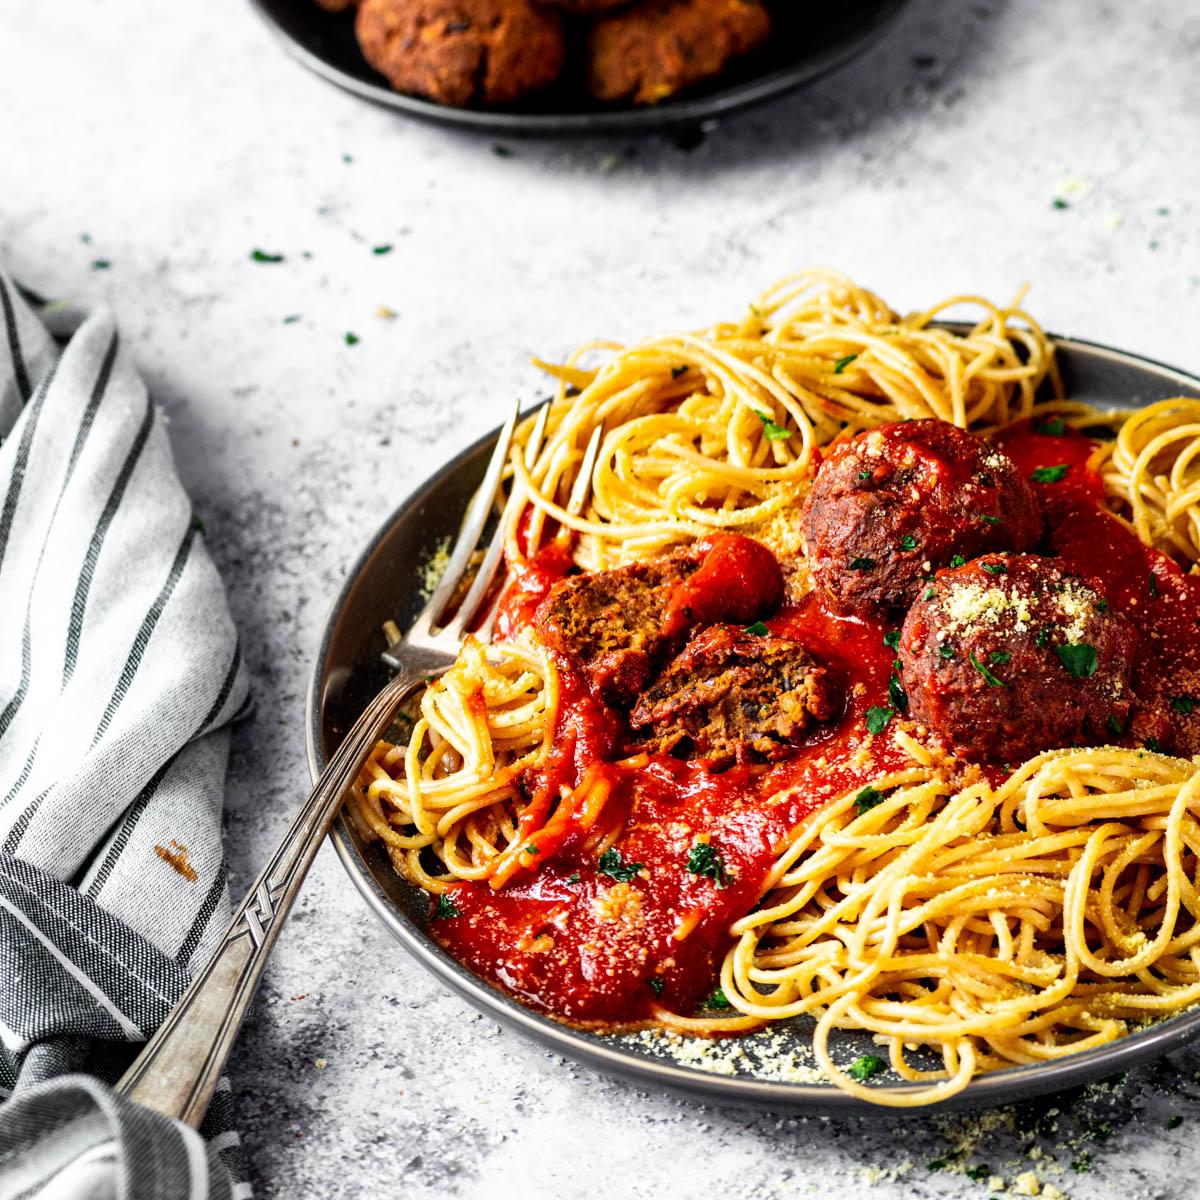 Nahaufnahme von zwei halben Fleischbällchen auf Spaghetti